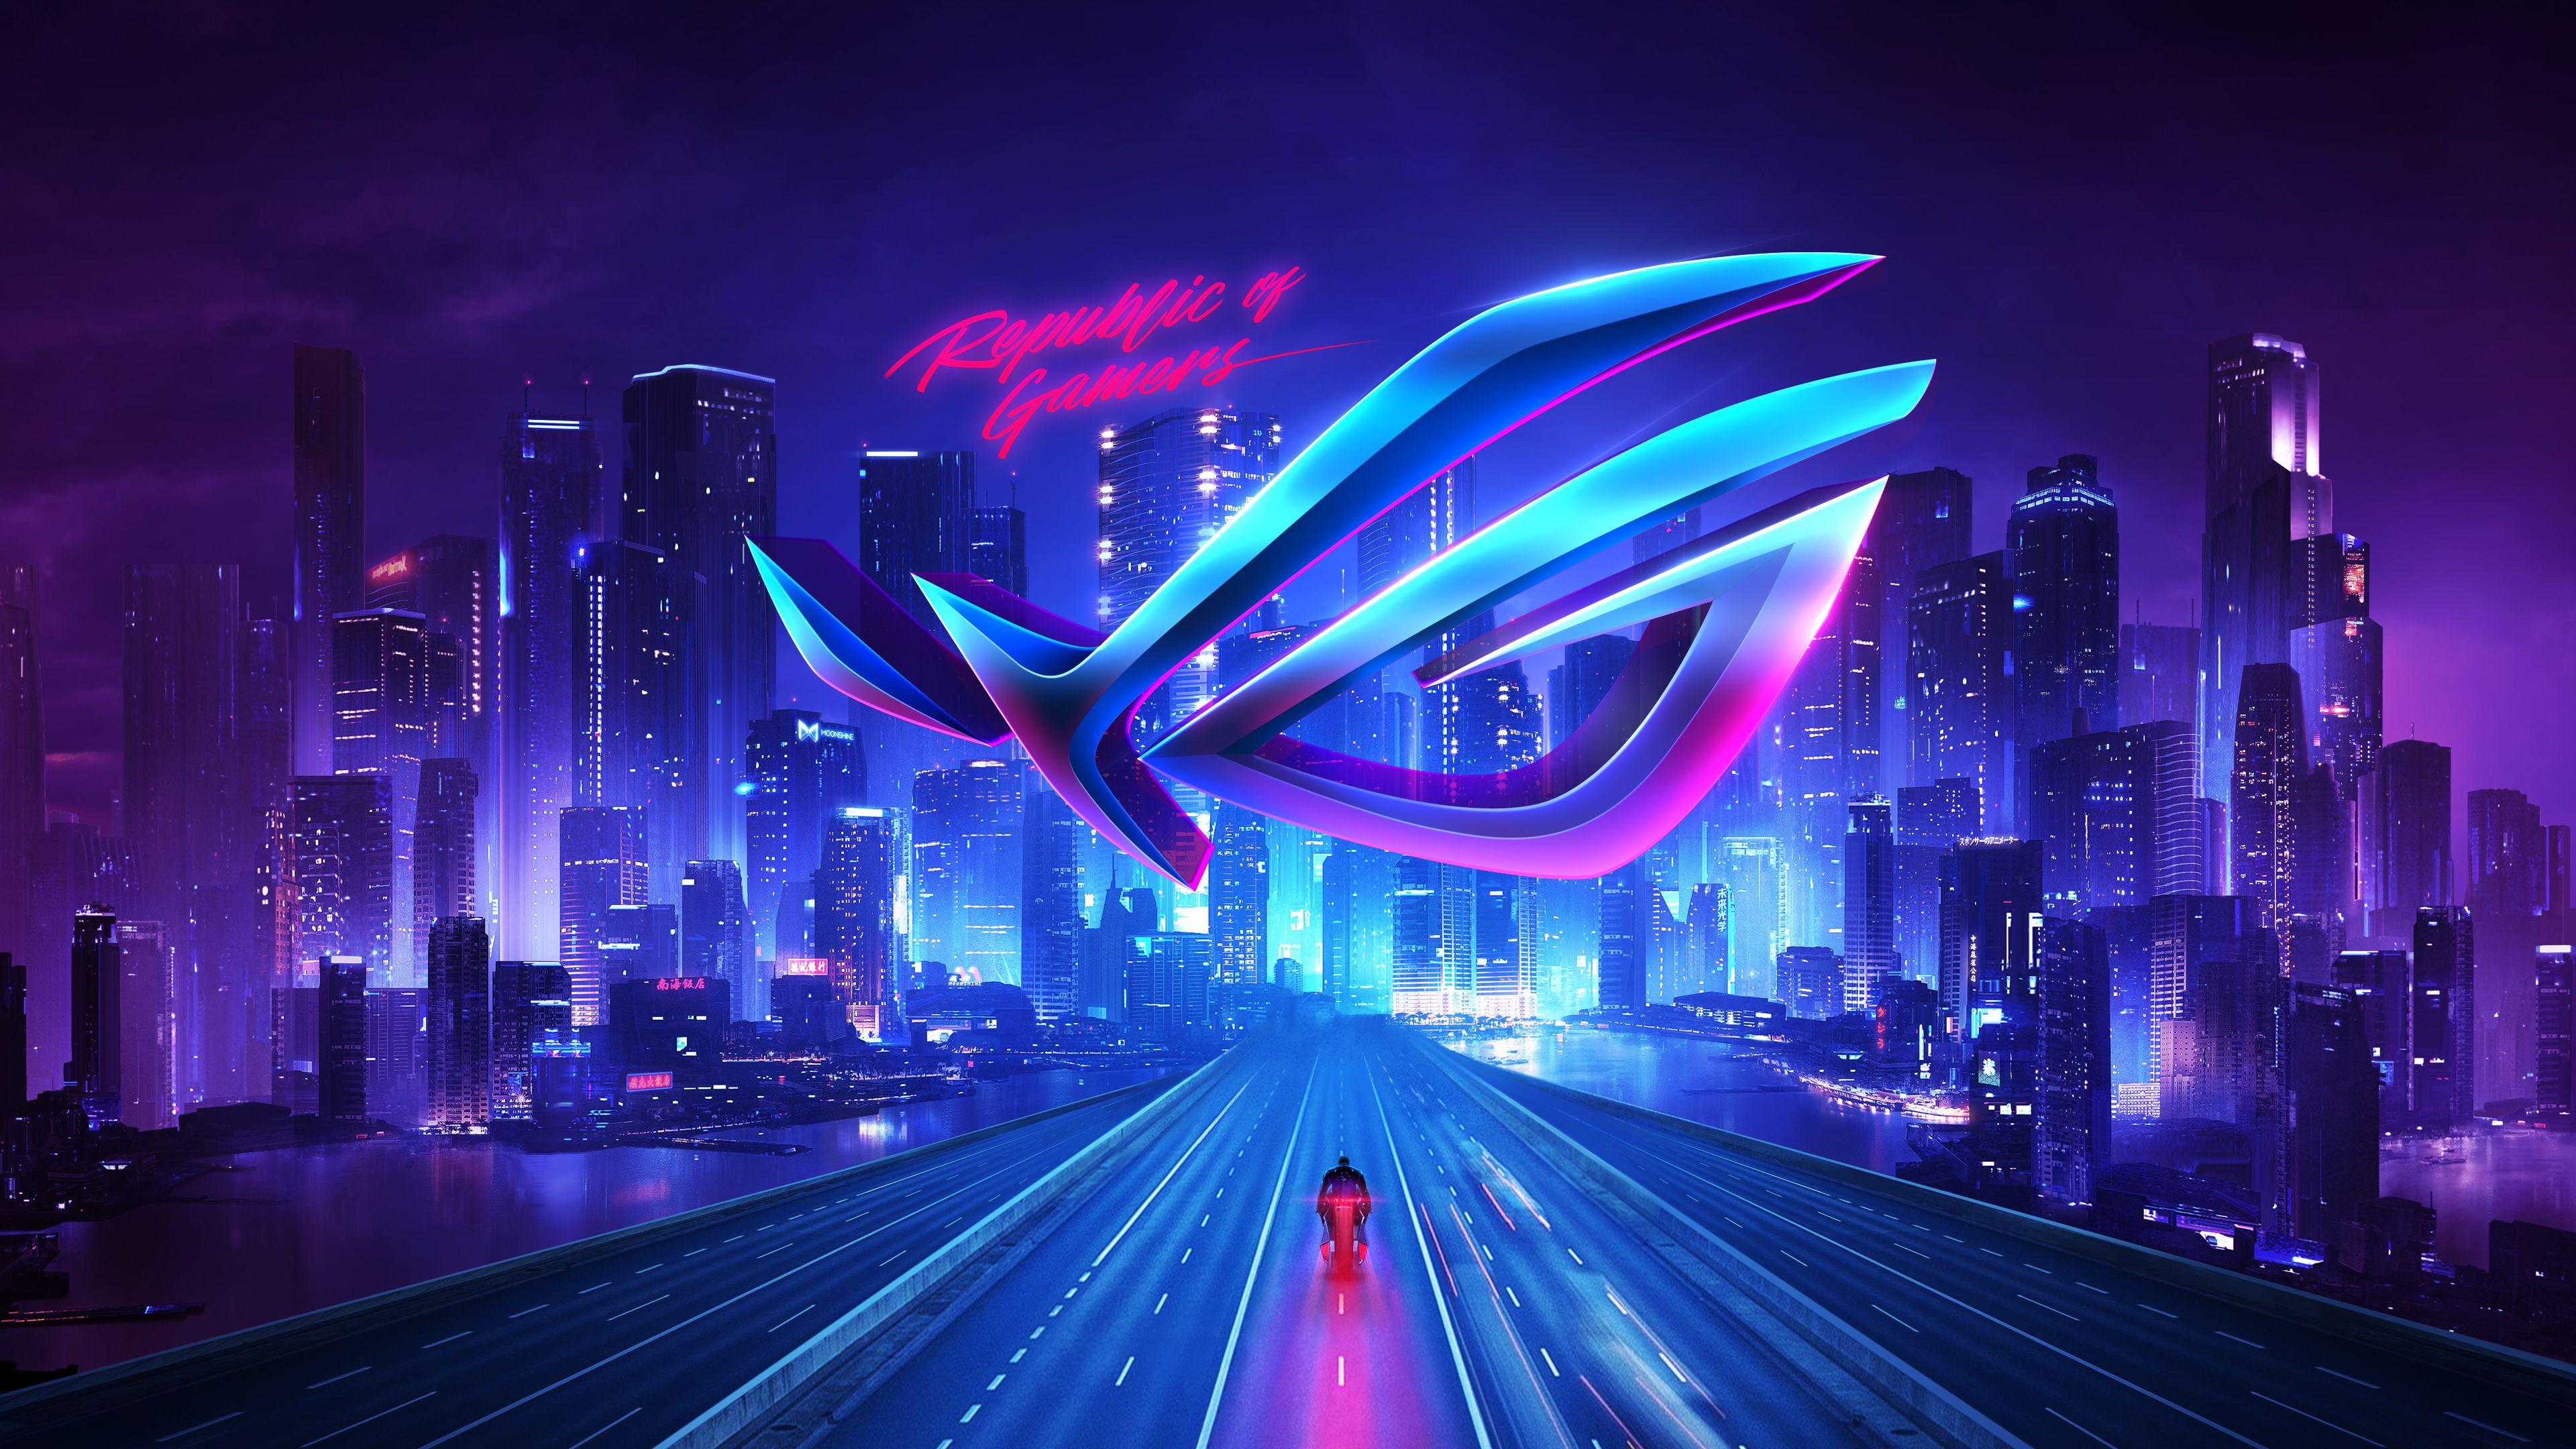 Asus Rog Republic Of Gamers Neon City 4k Technology Di 2020 Wallpaper Ponsel Gambar Kertas Dinding